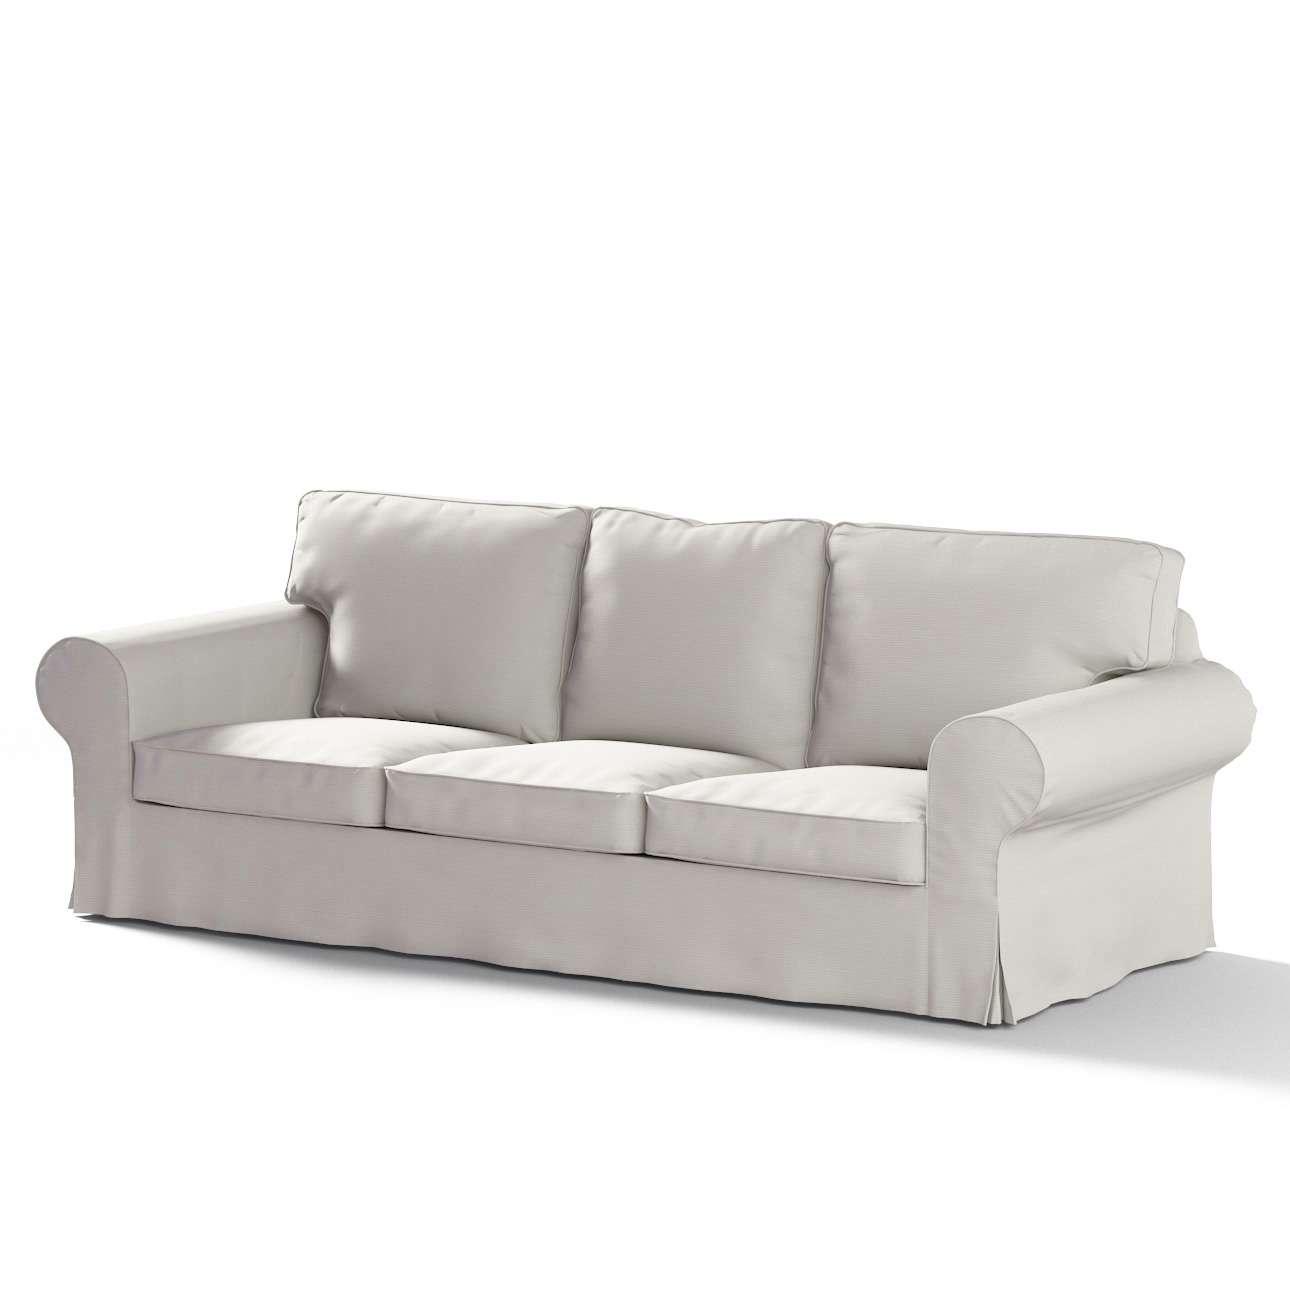 Ektorp trivietės sofos-lovos užvalkalas Ektorp trivietė sofa-lova kolekcijoje Cotton Panama, audinys: 702-31